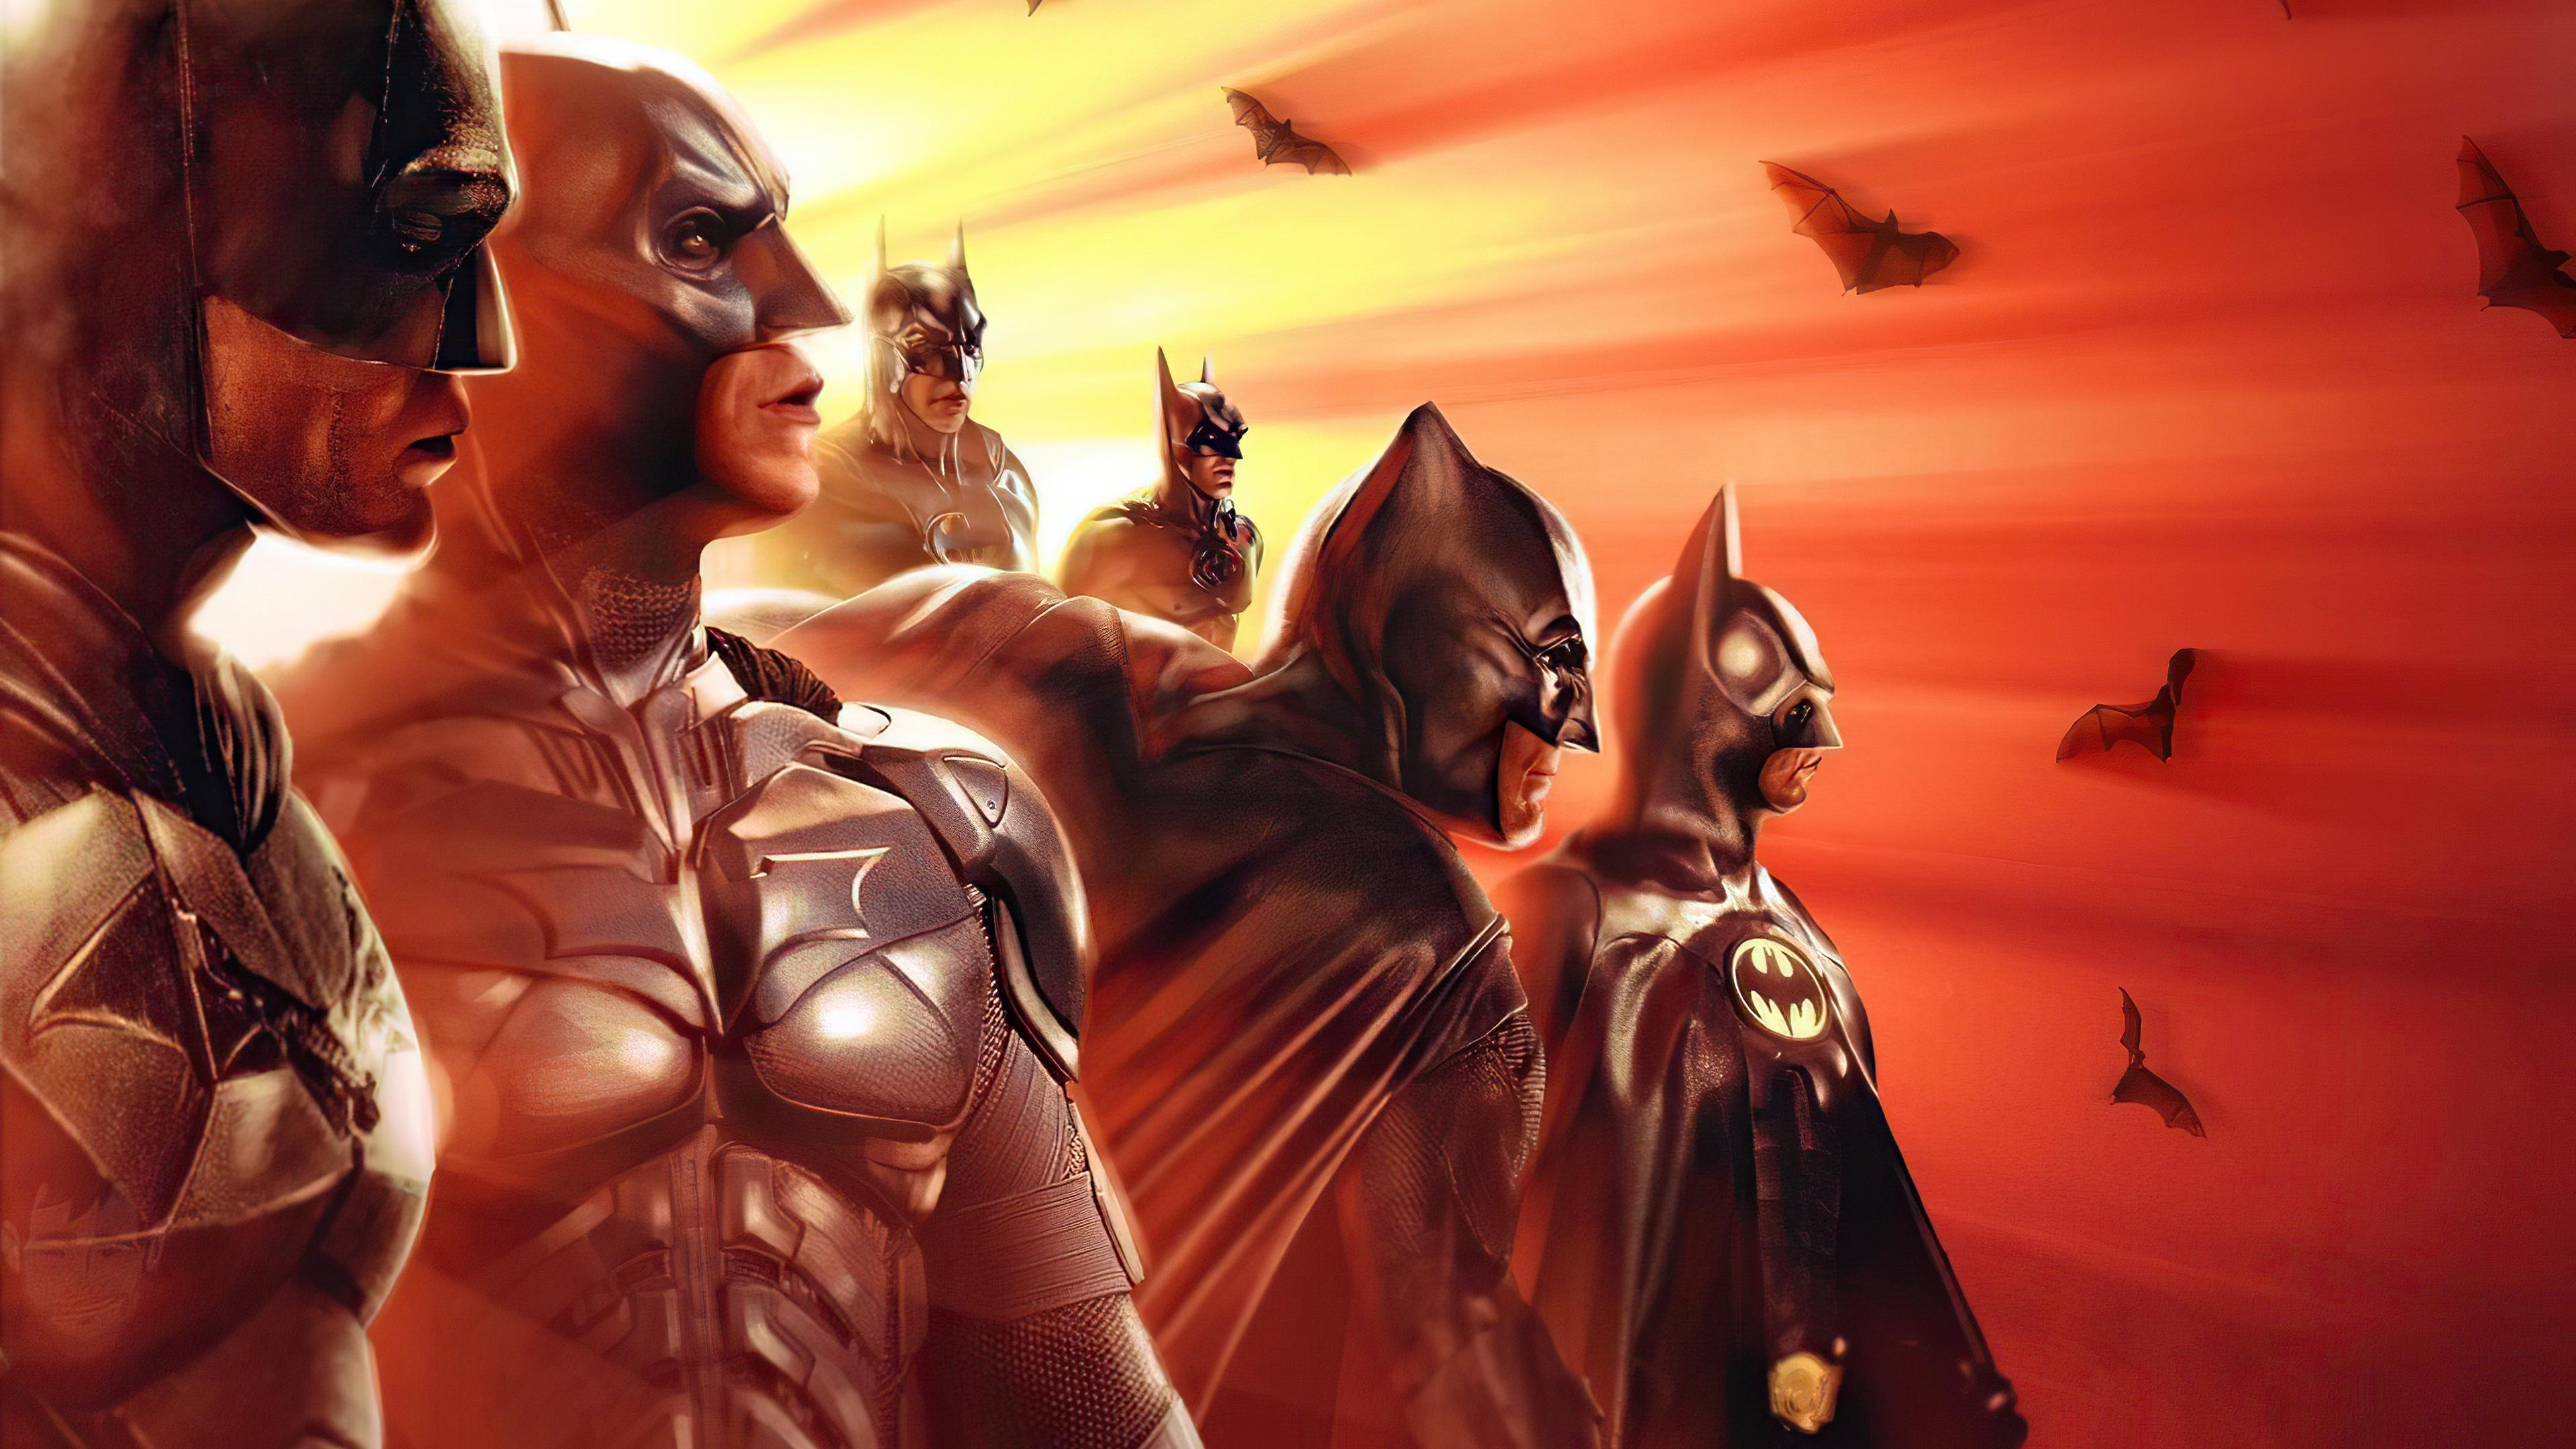 Wallpaper Batman generations